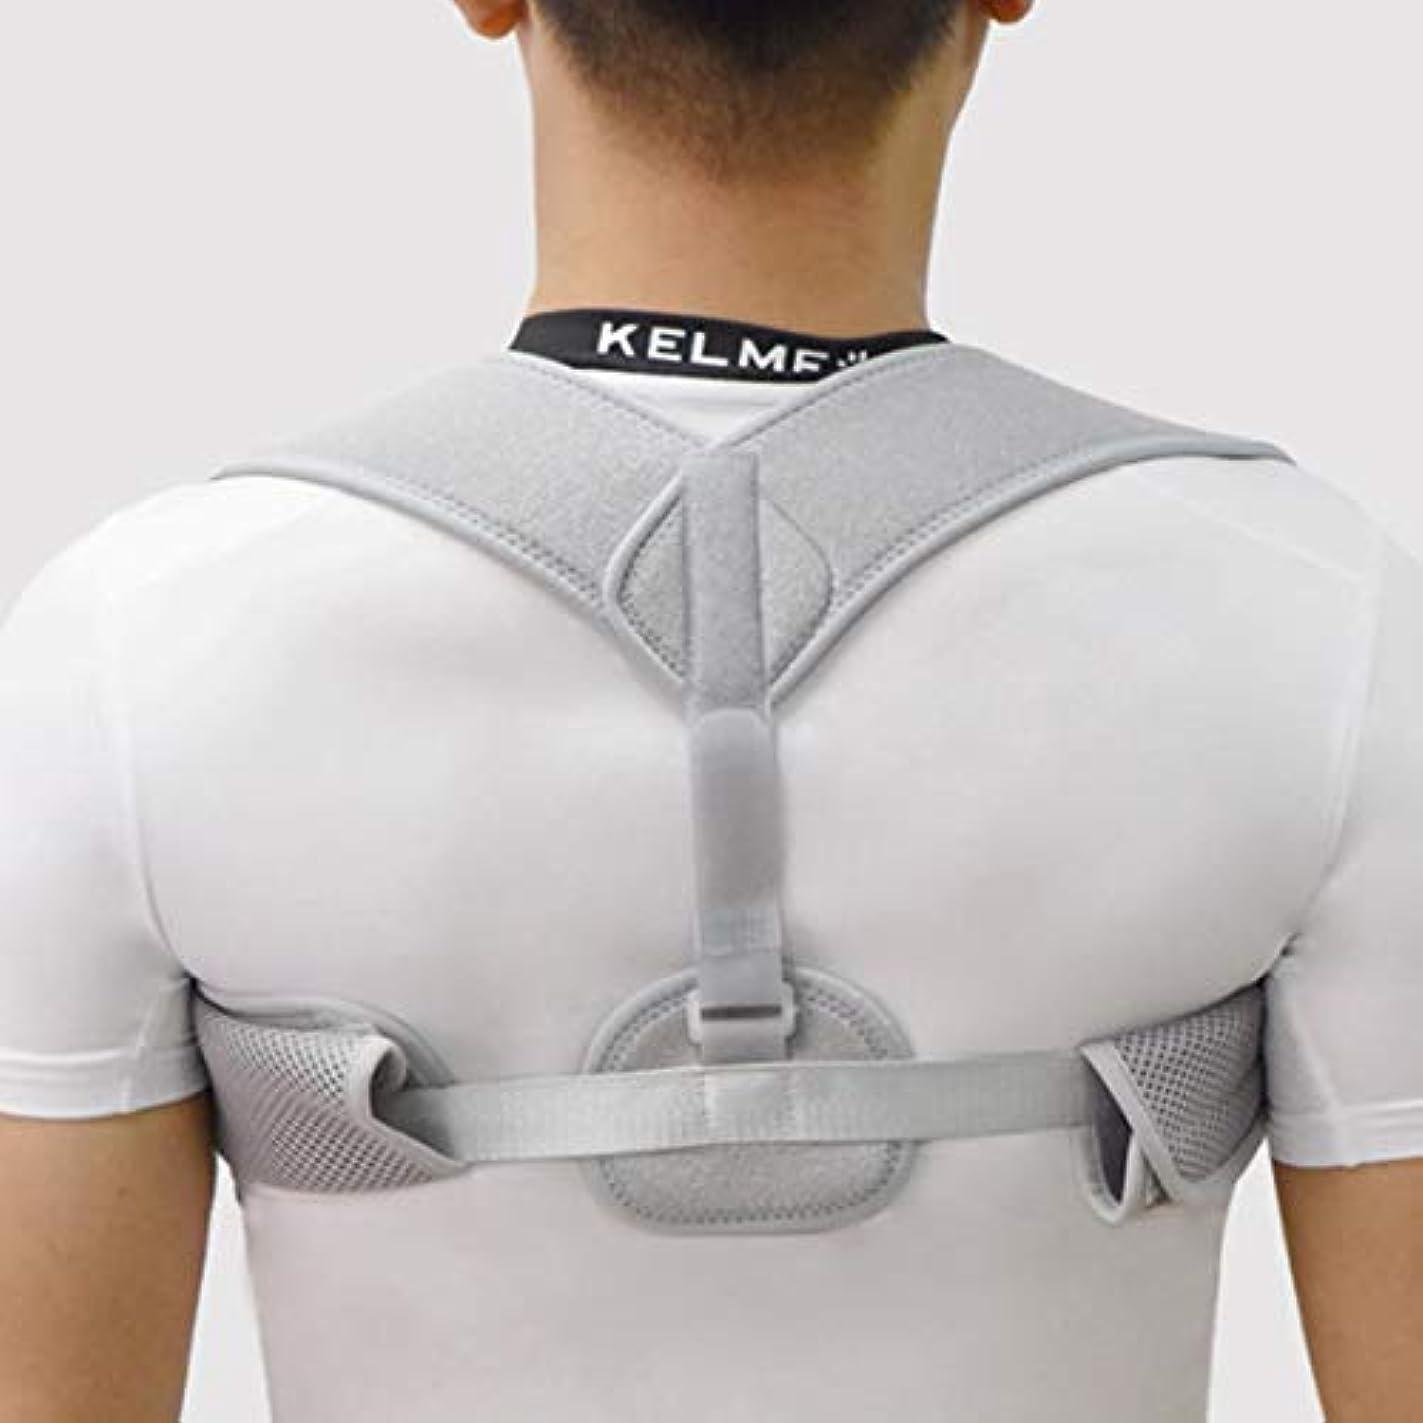 酸化物人工珍しい新しいアッパーバックポスチャーコレクター姿勢鎖骨サポートコレクターバックストレート肩ブレースストラップコレクター耐久性 - グレー